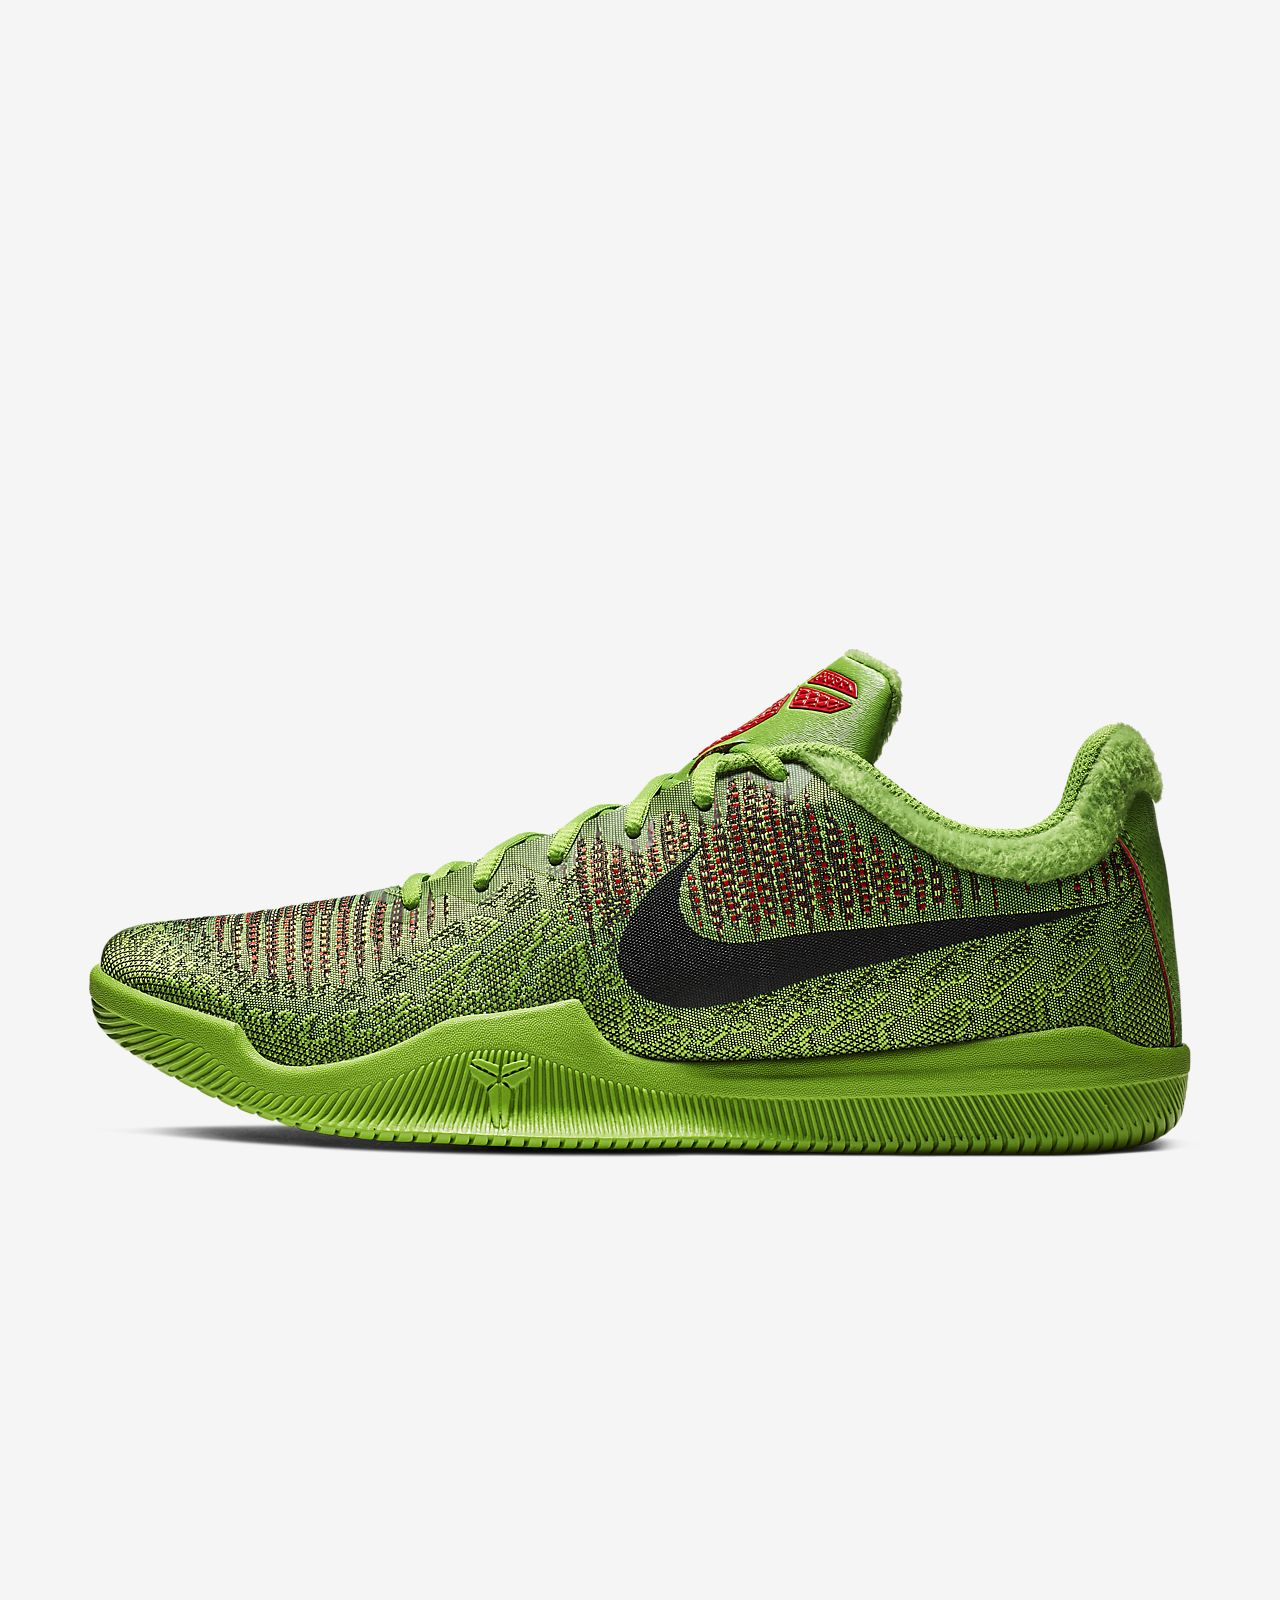 wholesale dealer 0899f 155a1 Chaussure de de de basketball Nike Mamba Rage pour CH 7f0d0c - clear ...